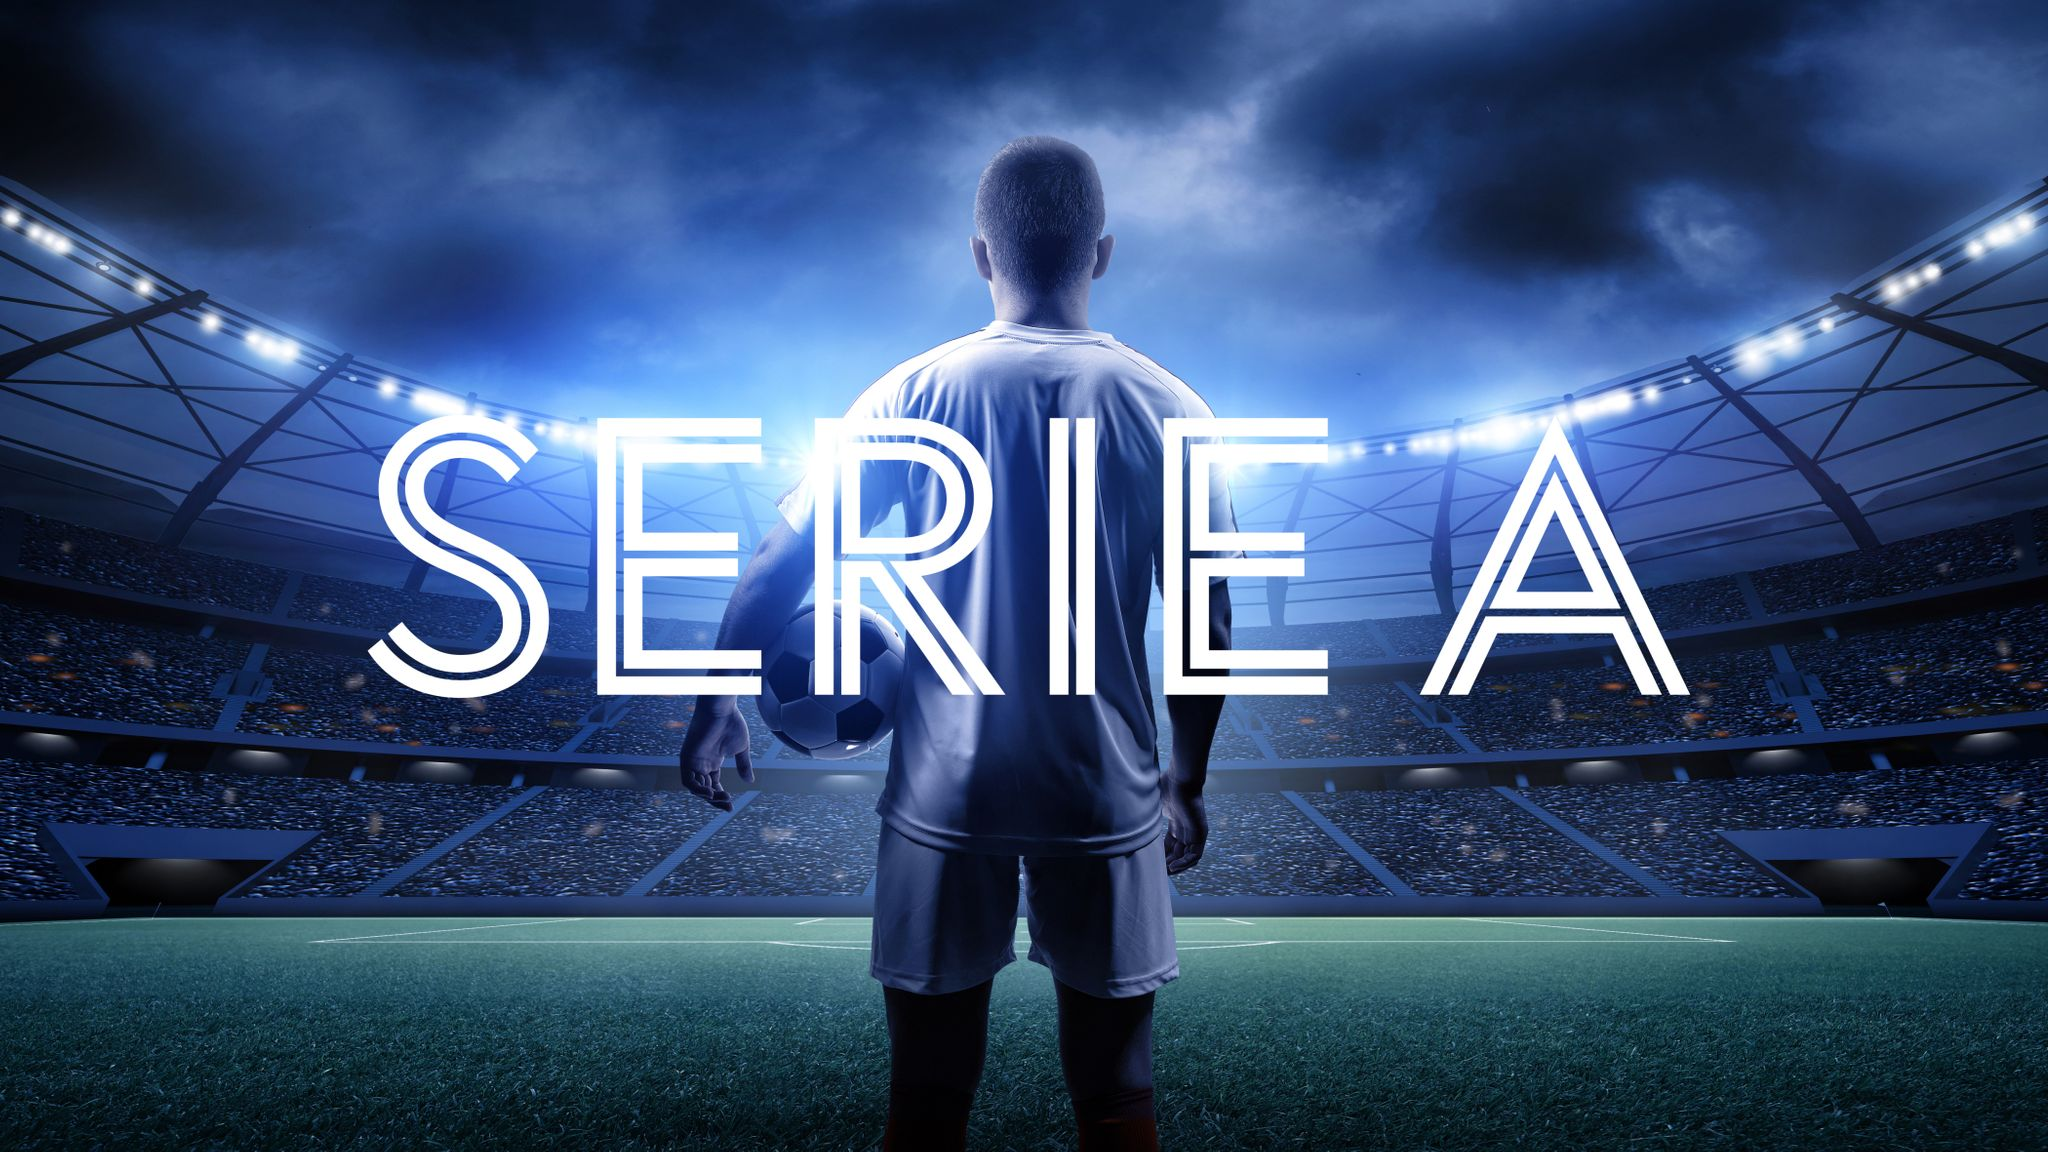 موعد أبرز مباريات الجولة السادسة في الدوري الإيطالي والقنوات الناقلة